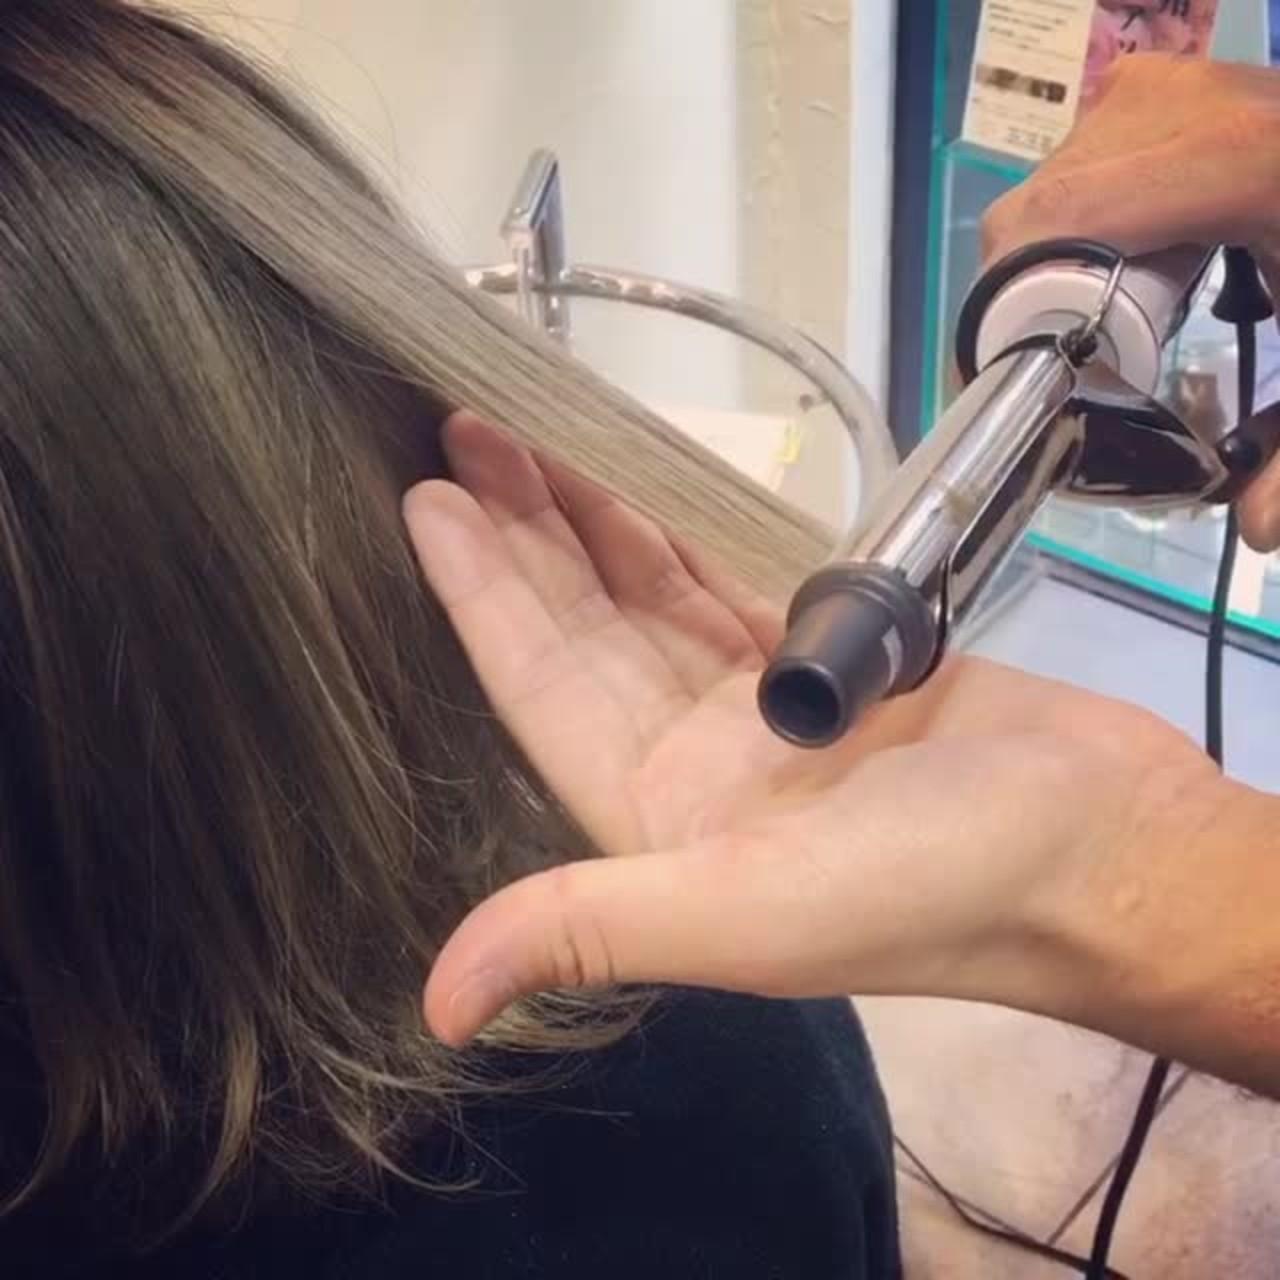 安くて使いやすい【サロニア】のストレートヘアアイロンがおすすめ!の3枚目の画像